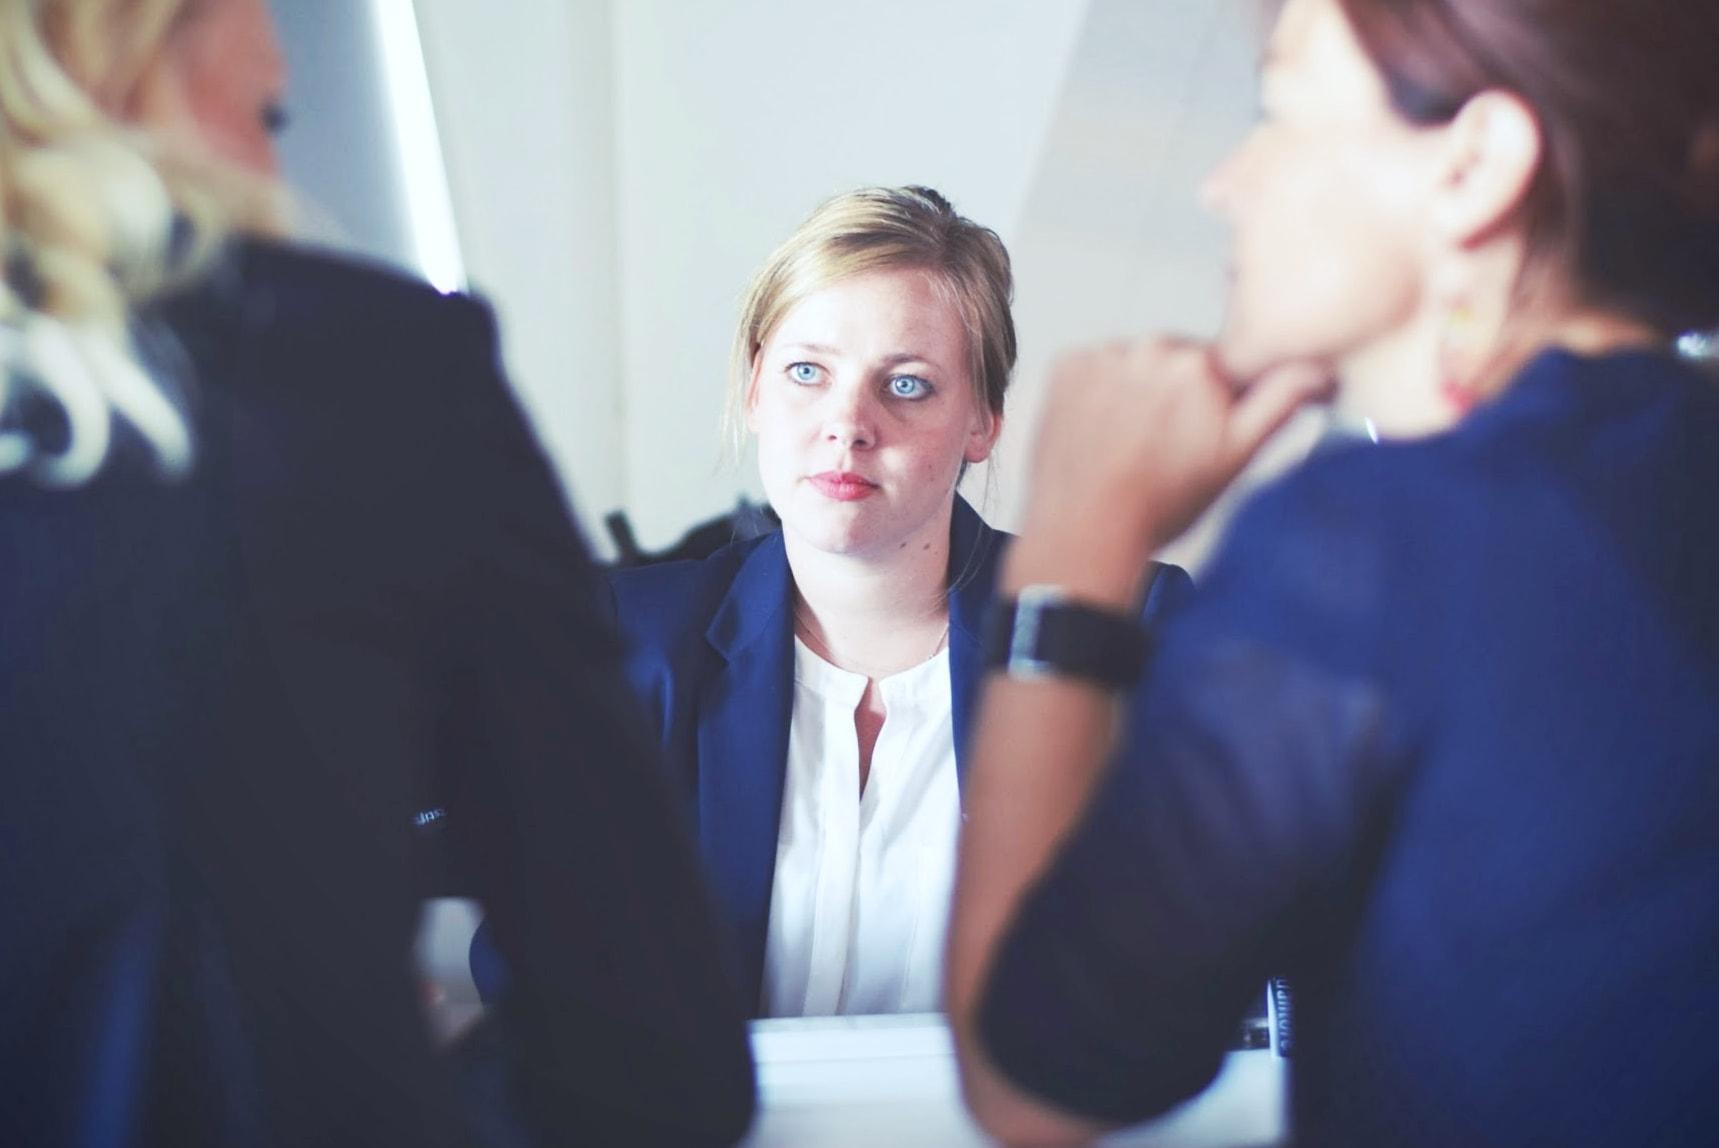 Anställa personal för första gången: Få koll på regler för anställning av personal